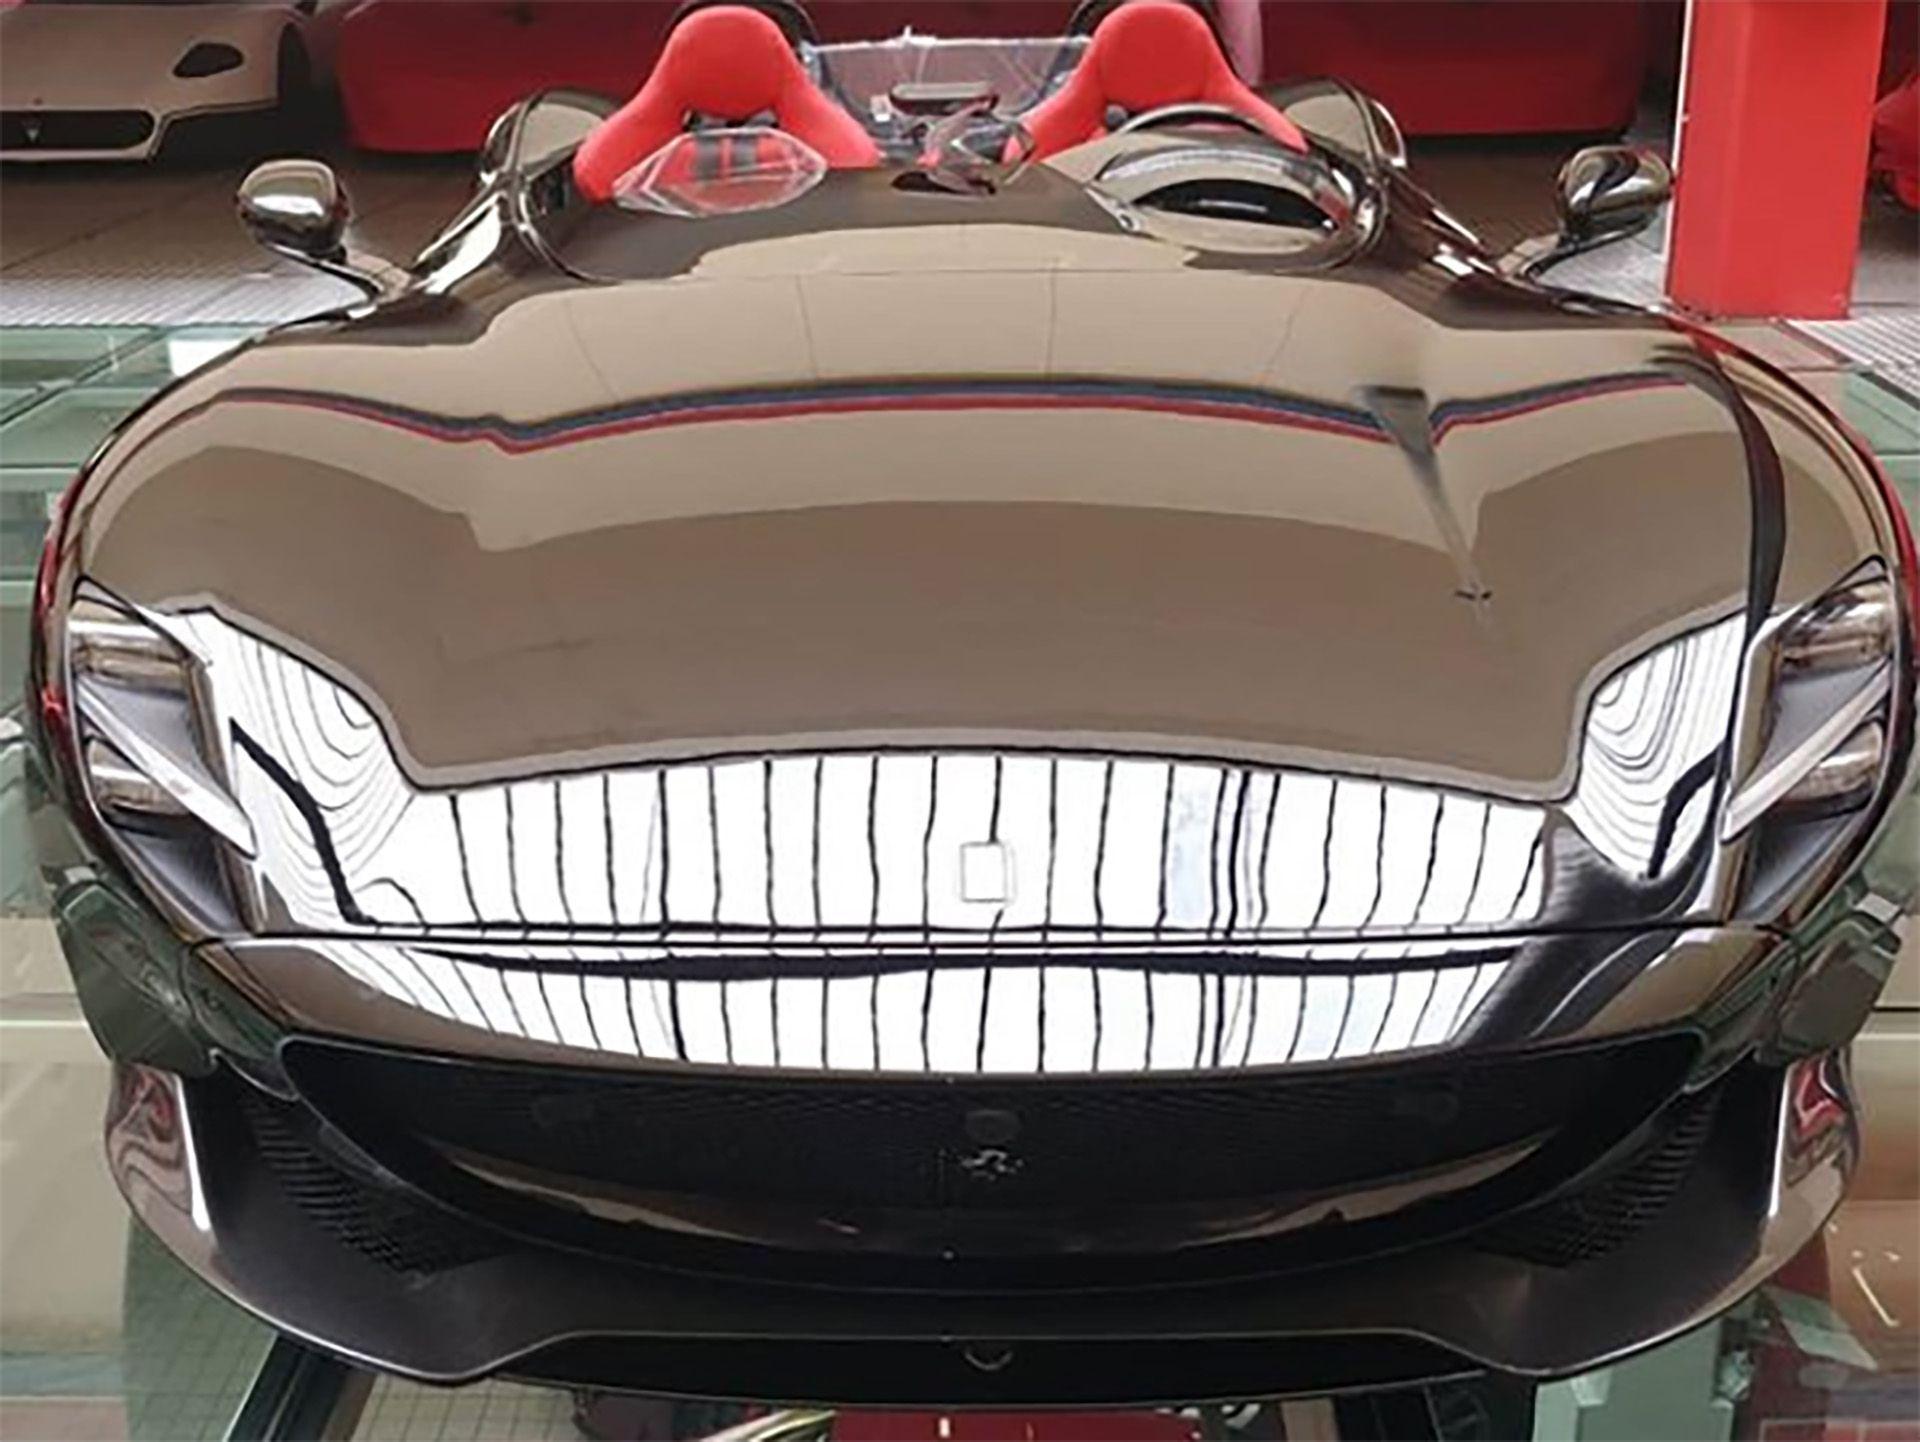 Este es el Ferrari Monza SP2 que Zlatan Ibrahimovic se compró como obsequio en su aniversario 38